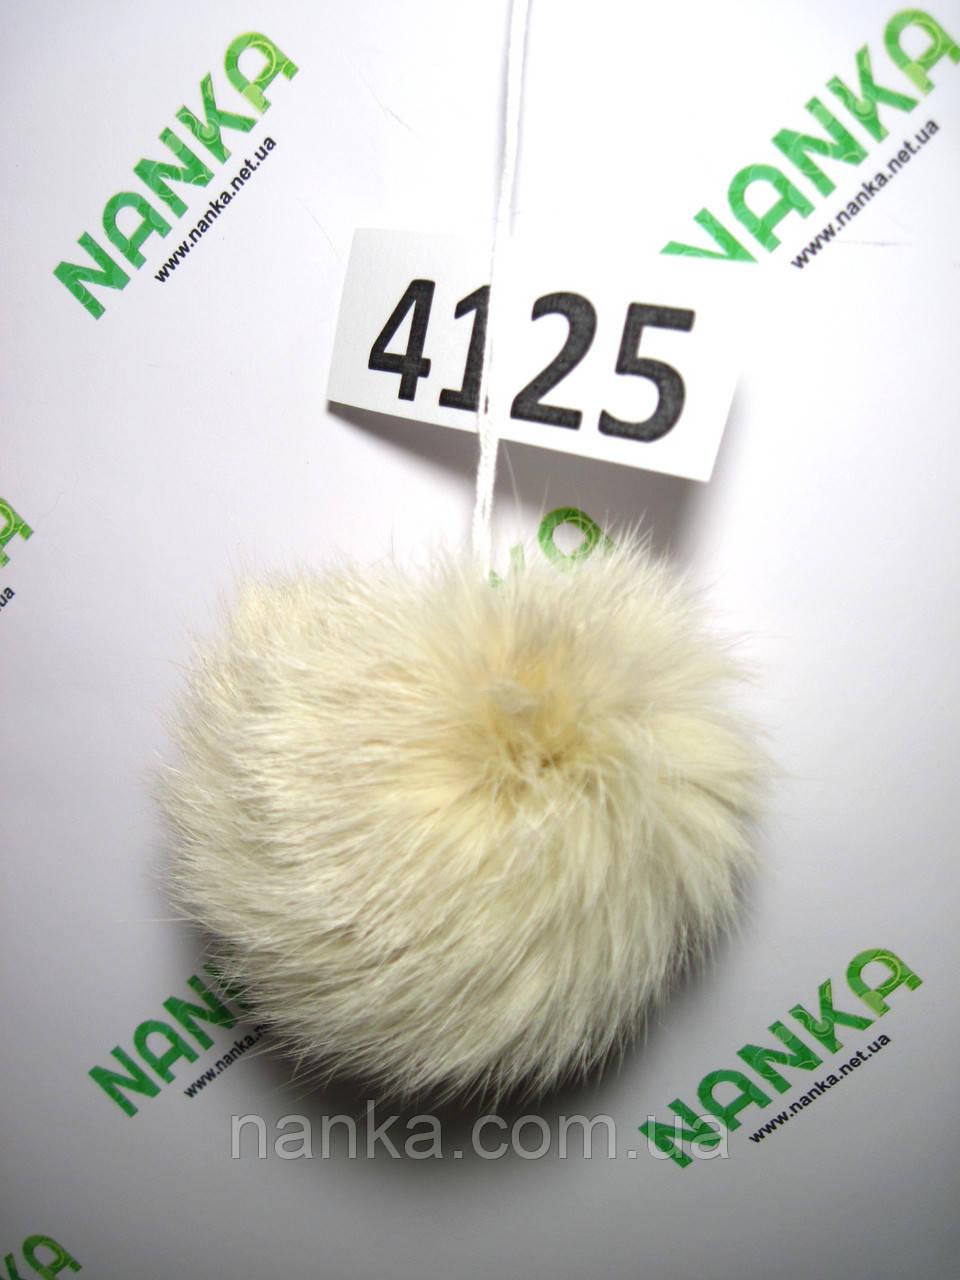 Меховой помпон Кролик, Телесный, 8 см, 4125